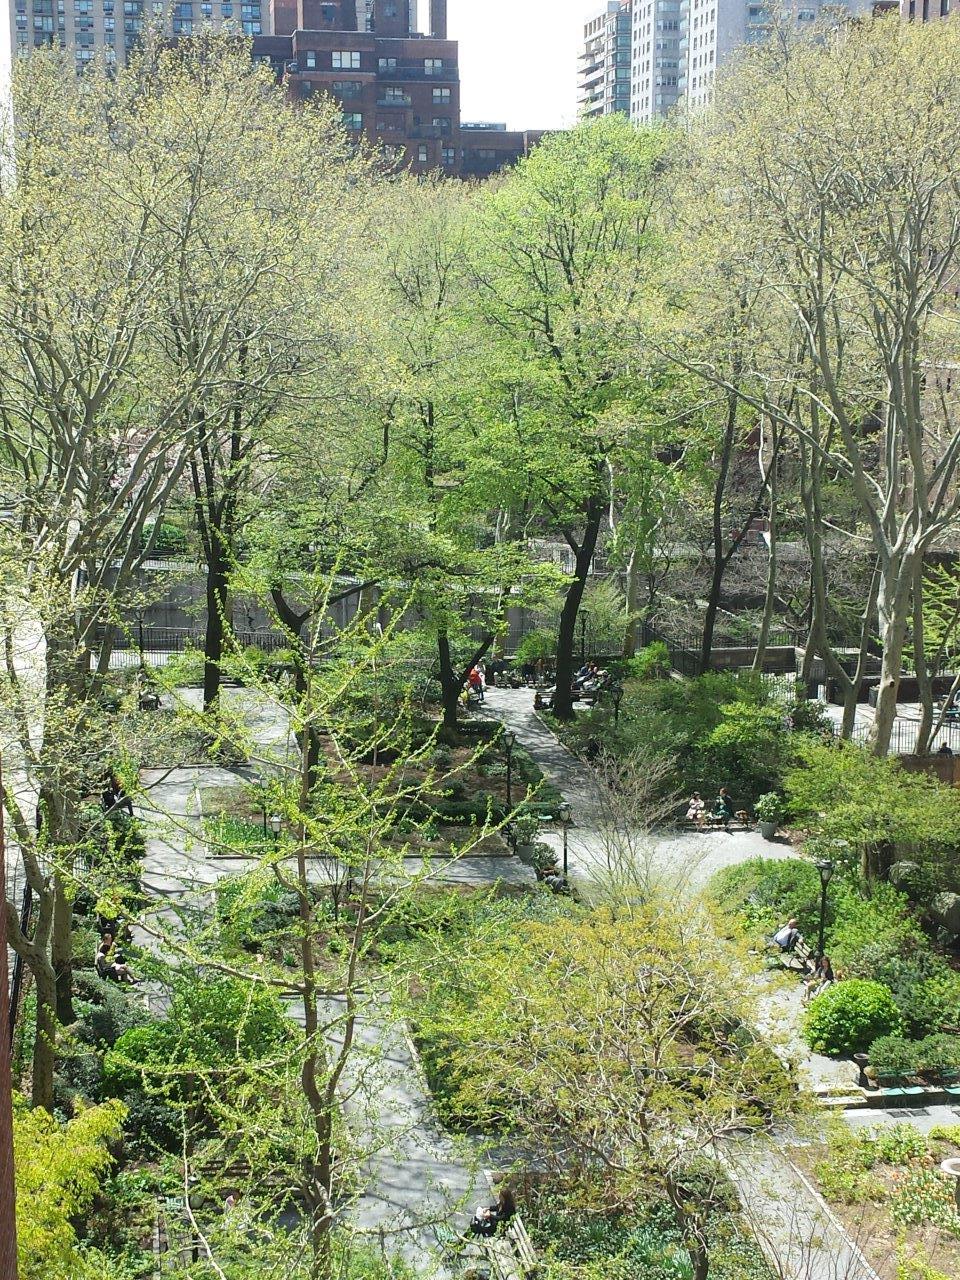 Tudor City Greens, Spring 2015 (image from Tudor City Greens)